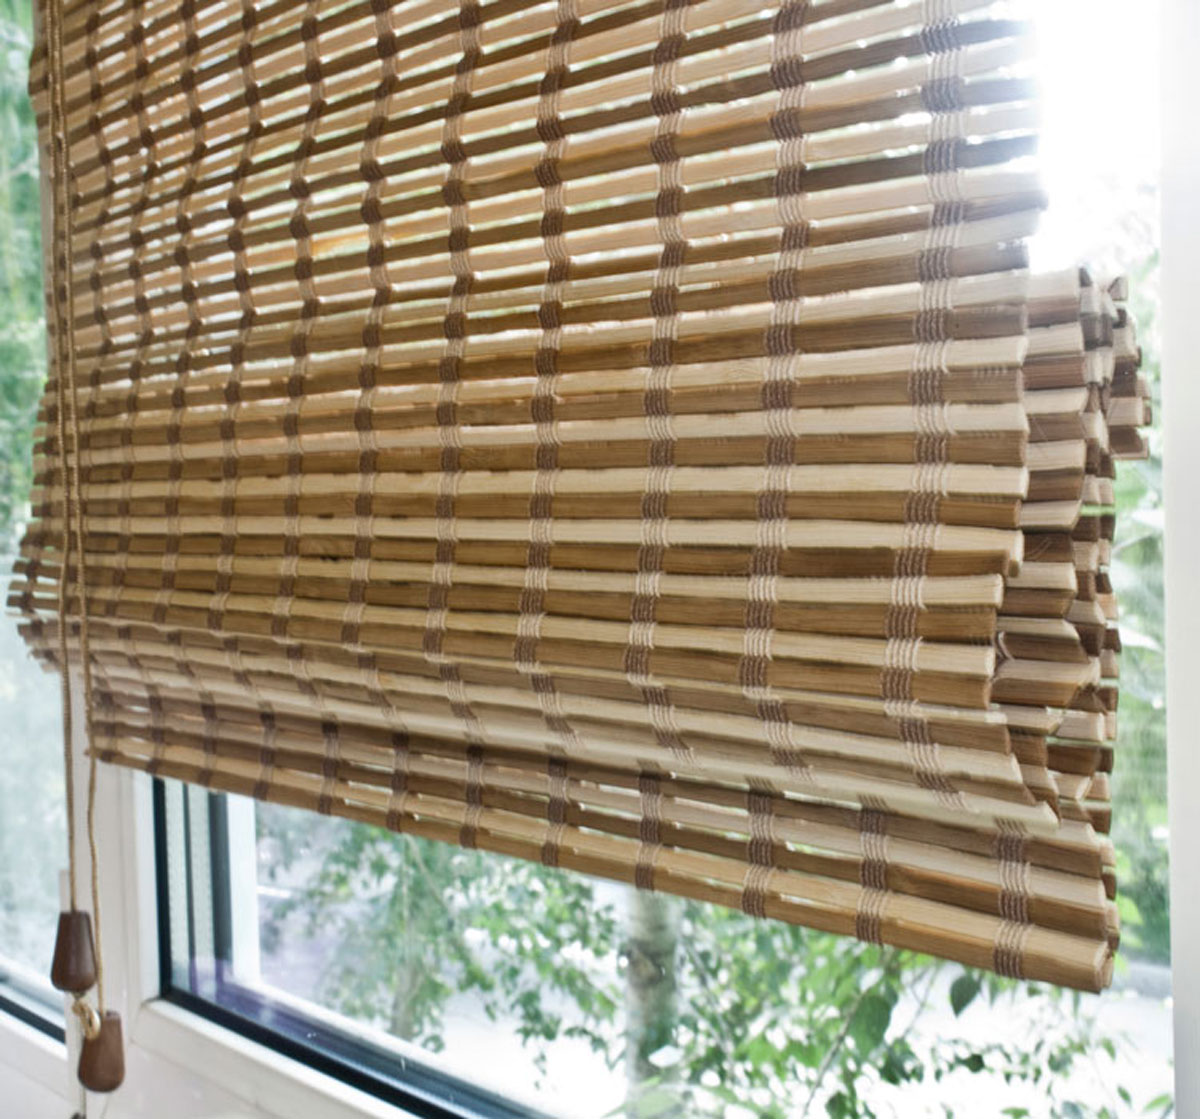 Римская штора Эскар, бамбуковая, цвет: коричневый, бежевый, ширина 60 см, высота 160 см72959060160Римская штора Эскар, выполненная из натурального бамбука, является оригинальным современным аксессуаром для создания необычного интерьера в восточном или минималистичном стиле.Римская бамбуковая штора, как и тканевая римская штора, при поднятии образует крупные складки, которые прекрасно декорируют окно. Особенность устройства полотна позволяет свободно пропускать дневной свет, что обеспечивает мягкое освещение комнаты. Римская штора из натурального влагоустойчивого материала легко вписывается в любой интерьер, хорошо сочетается с различной мебелью и элементами отделки. Использование бамбукового полотна придает помещению необычный вид и визуально расширяет пространство. Бамбуковые шторы требуют только сухого ухода: пылесосом, щеткой, веником или влажной (но не мокрой!) губкой. Комплект для монтажа прилагается.